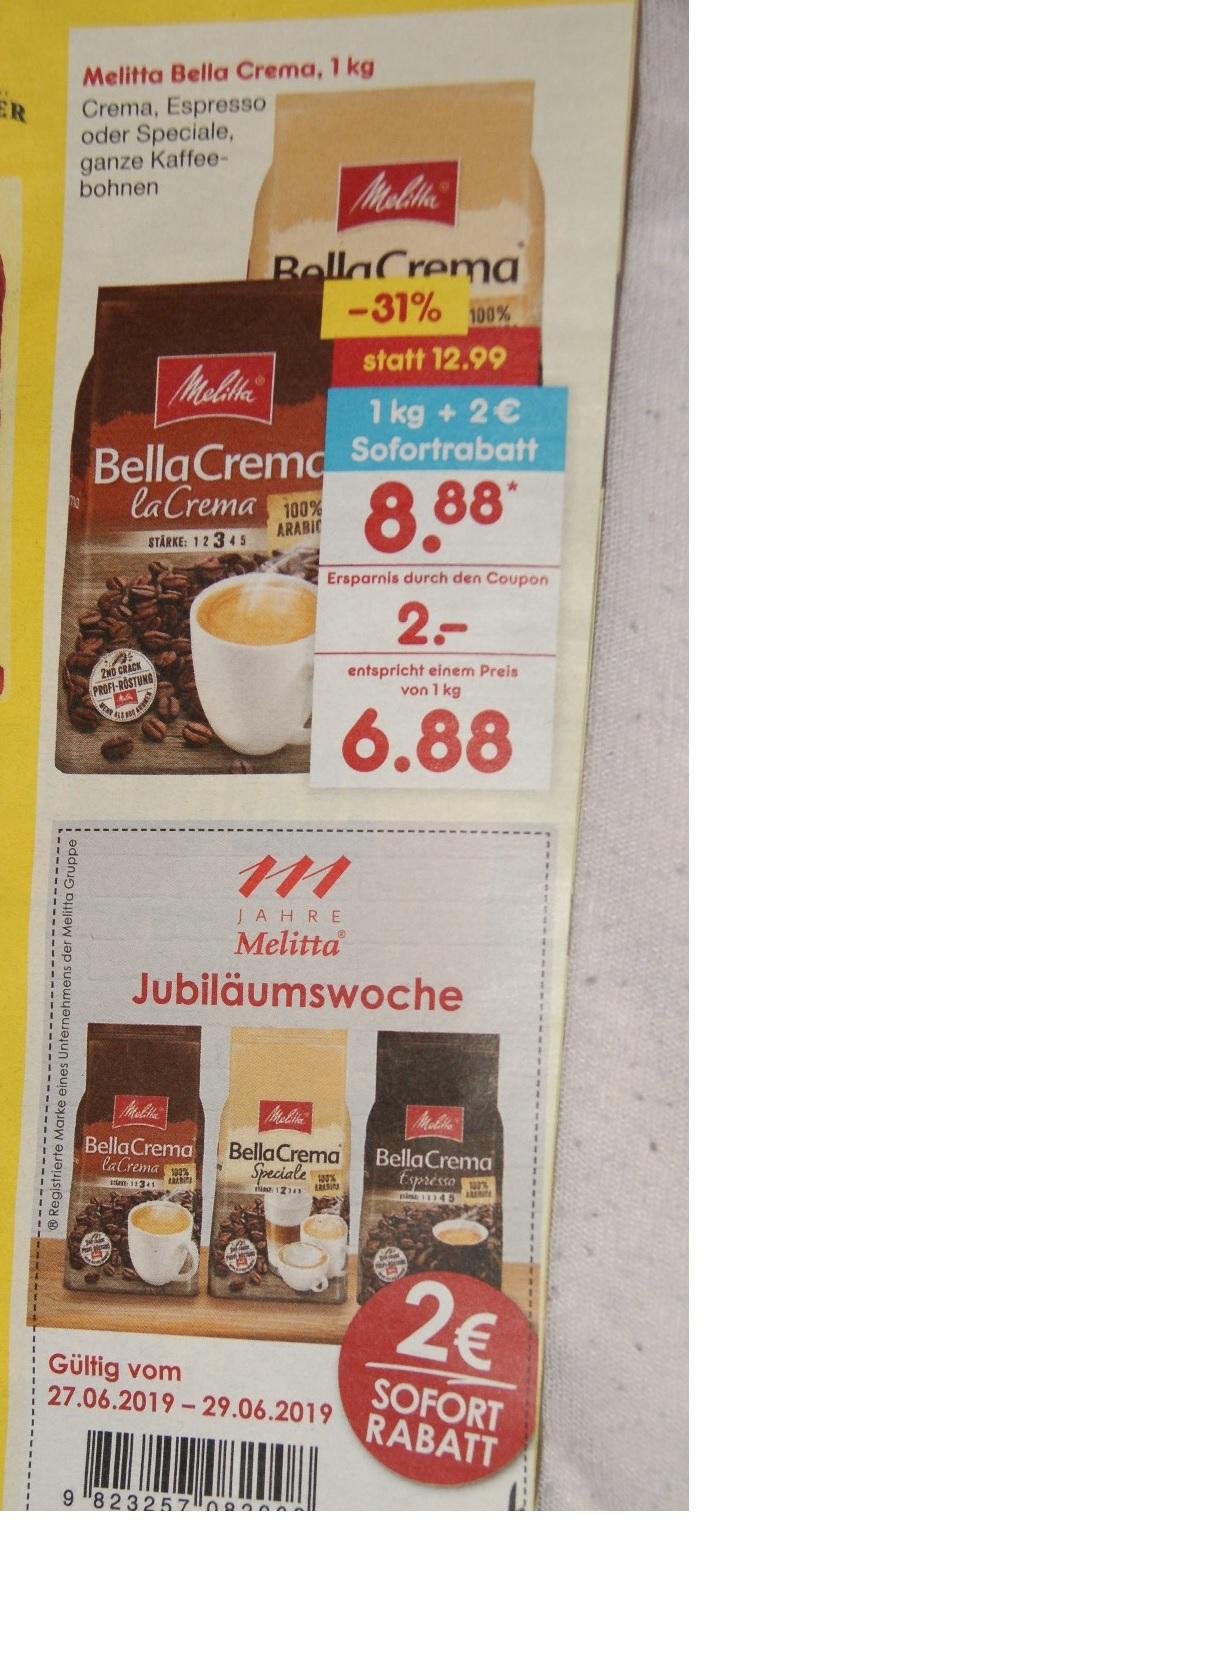 Melitta Kaffeebohnen für 6,88 Euro je kg bei netto (ohne Hund) ab 27.6. bundesweit